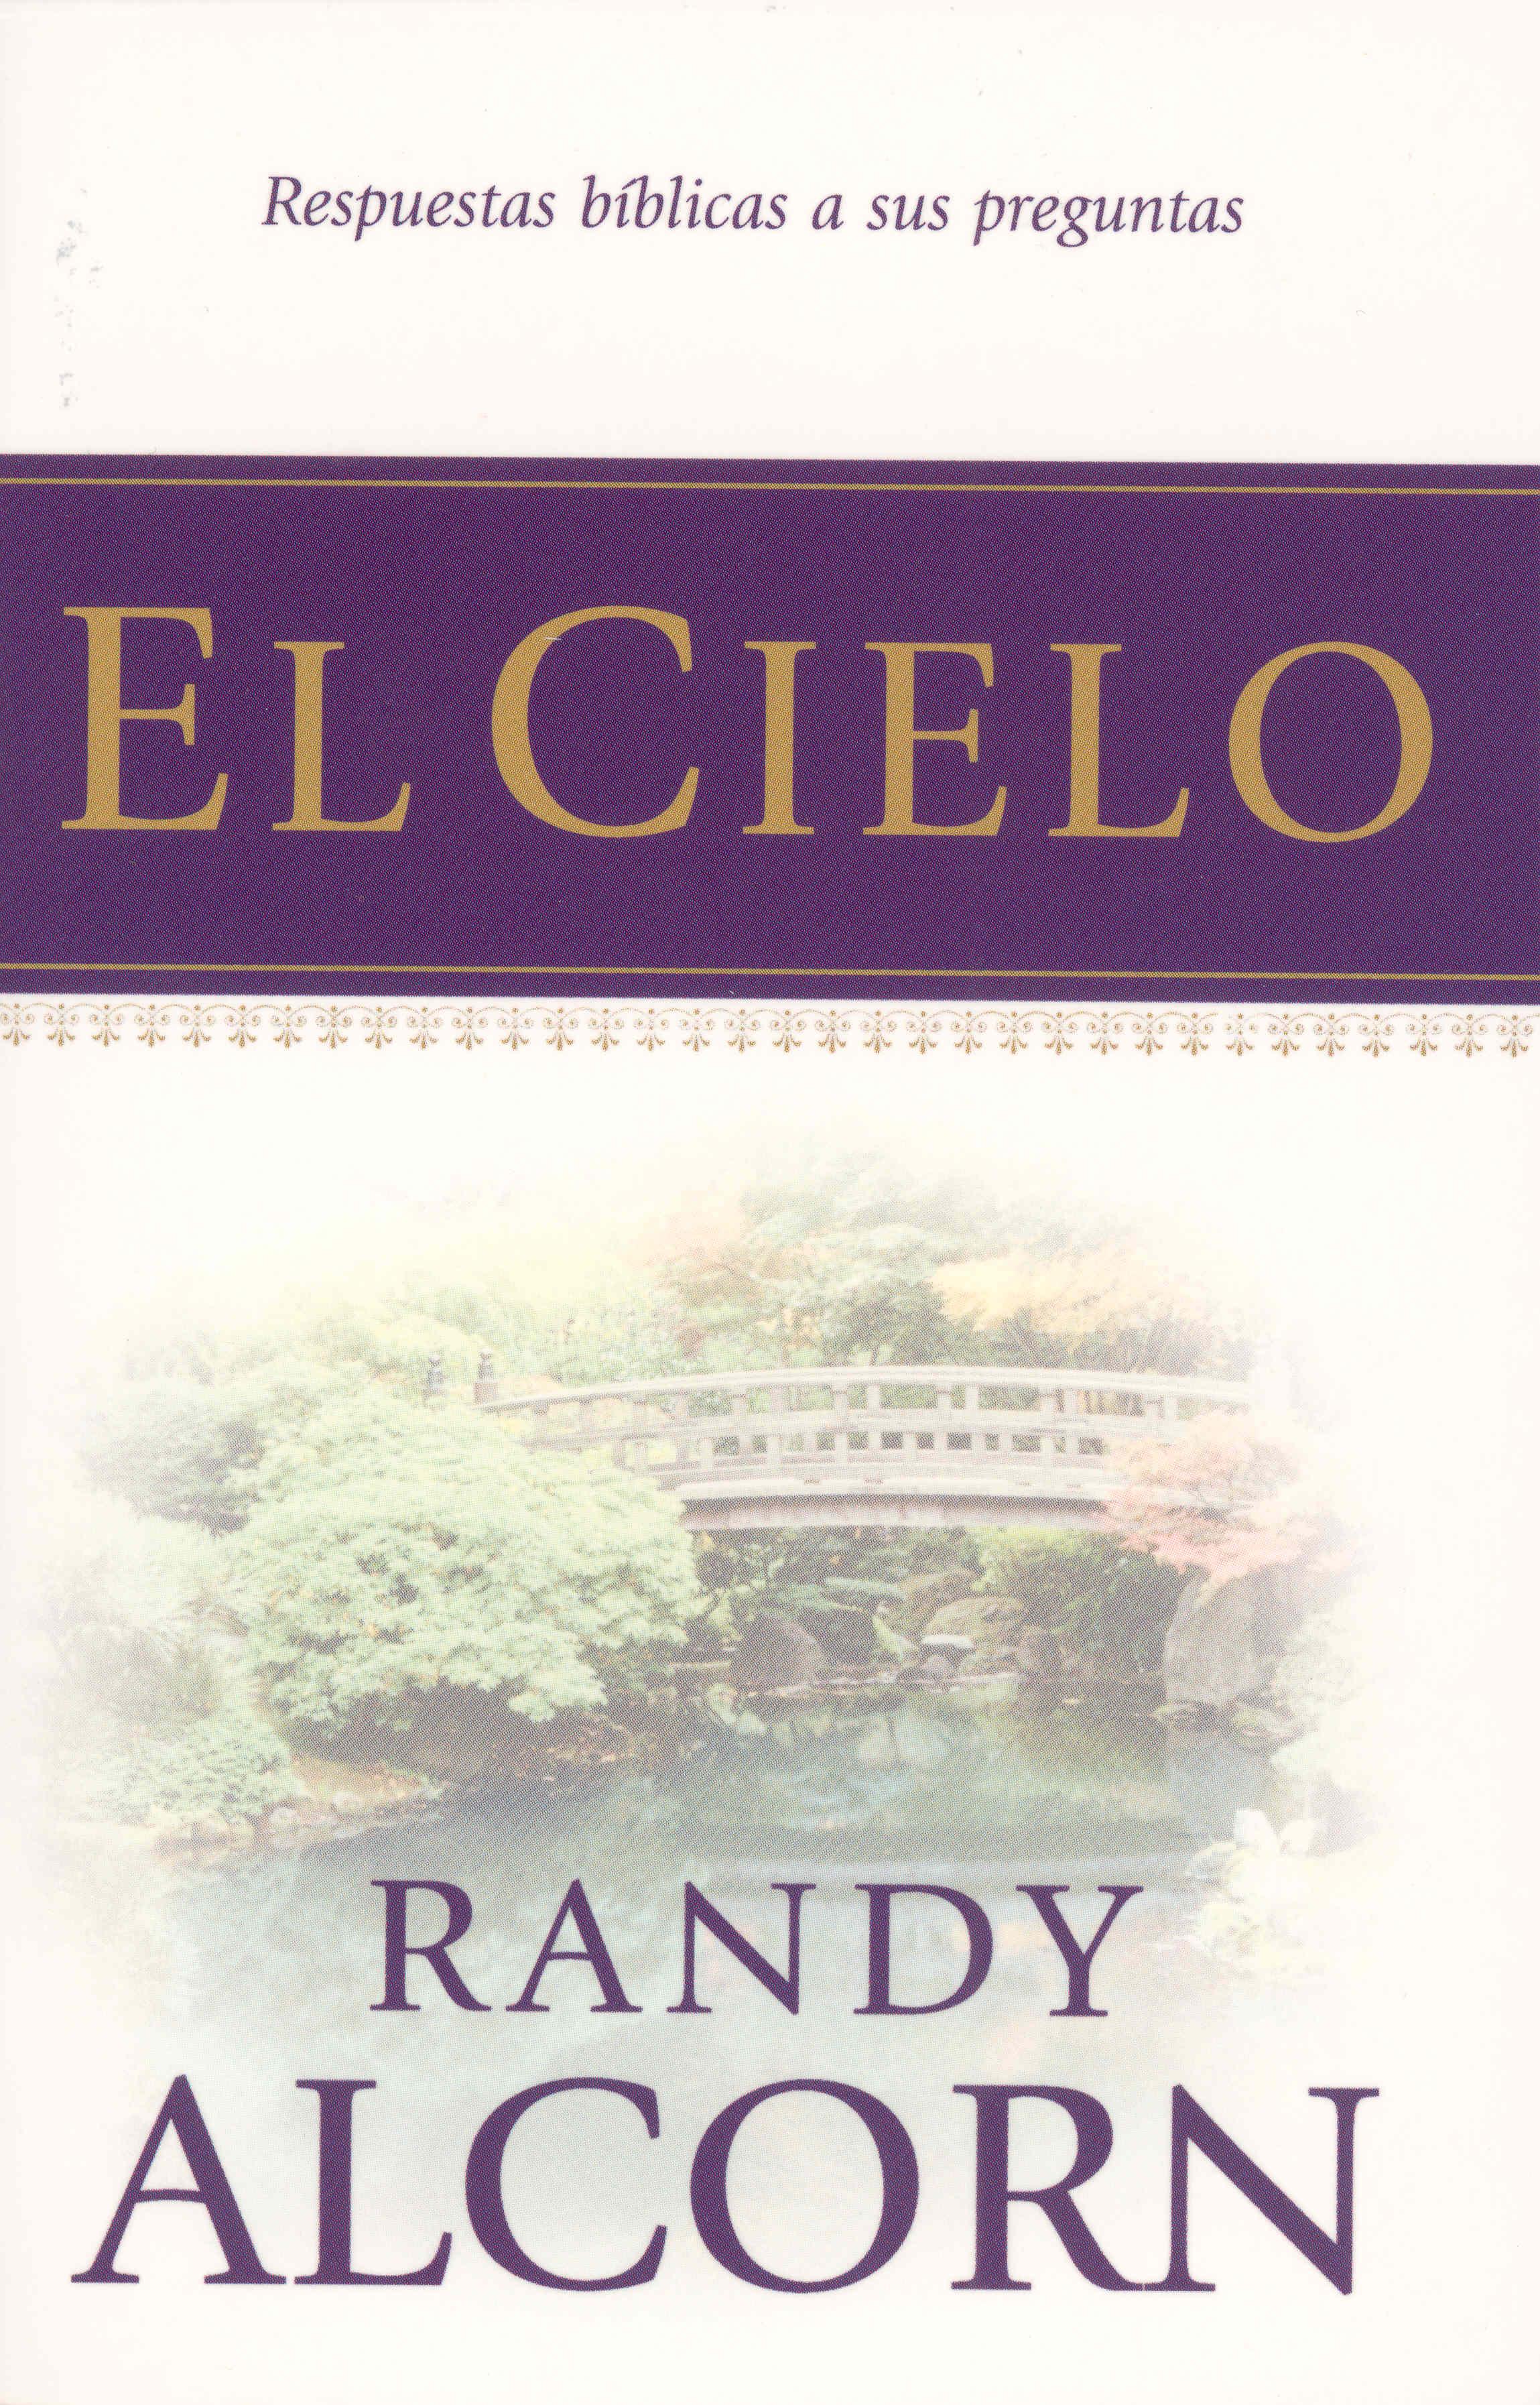 heaven-booklet-spanish.jpg